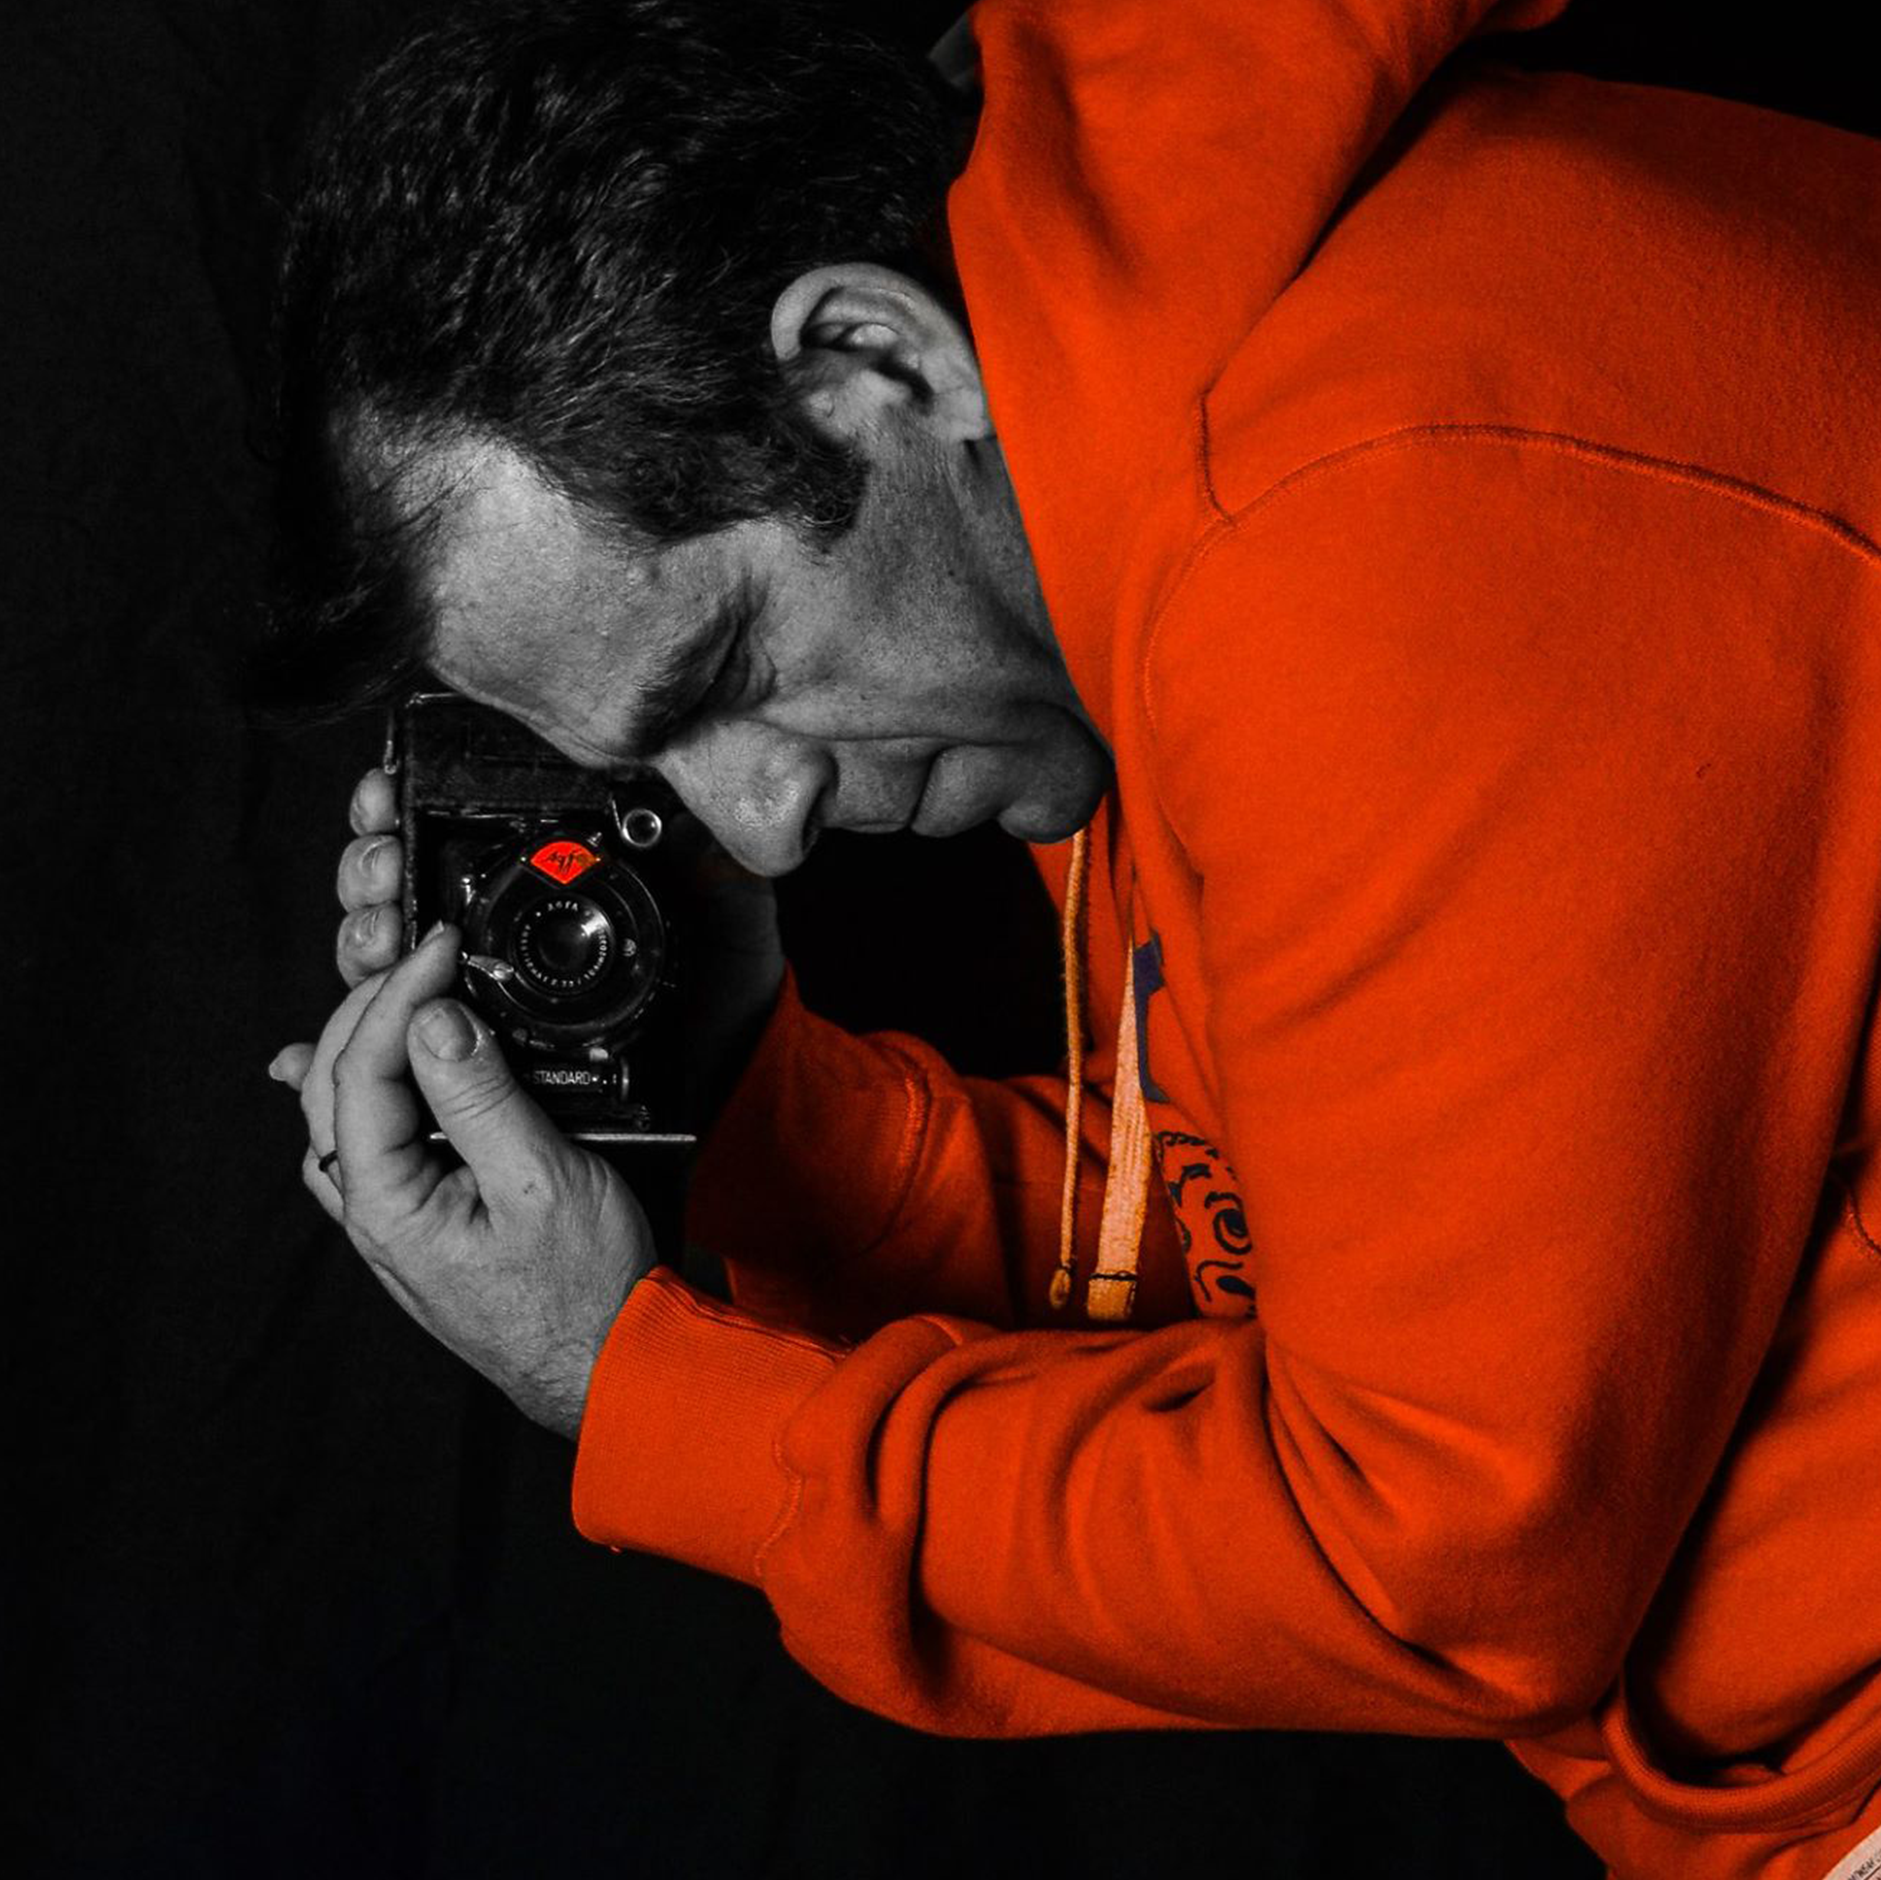 Lensman Nick Photography